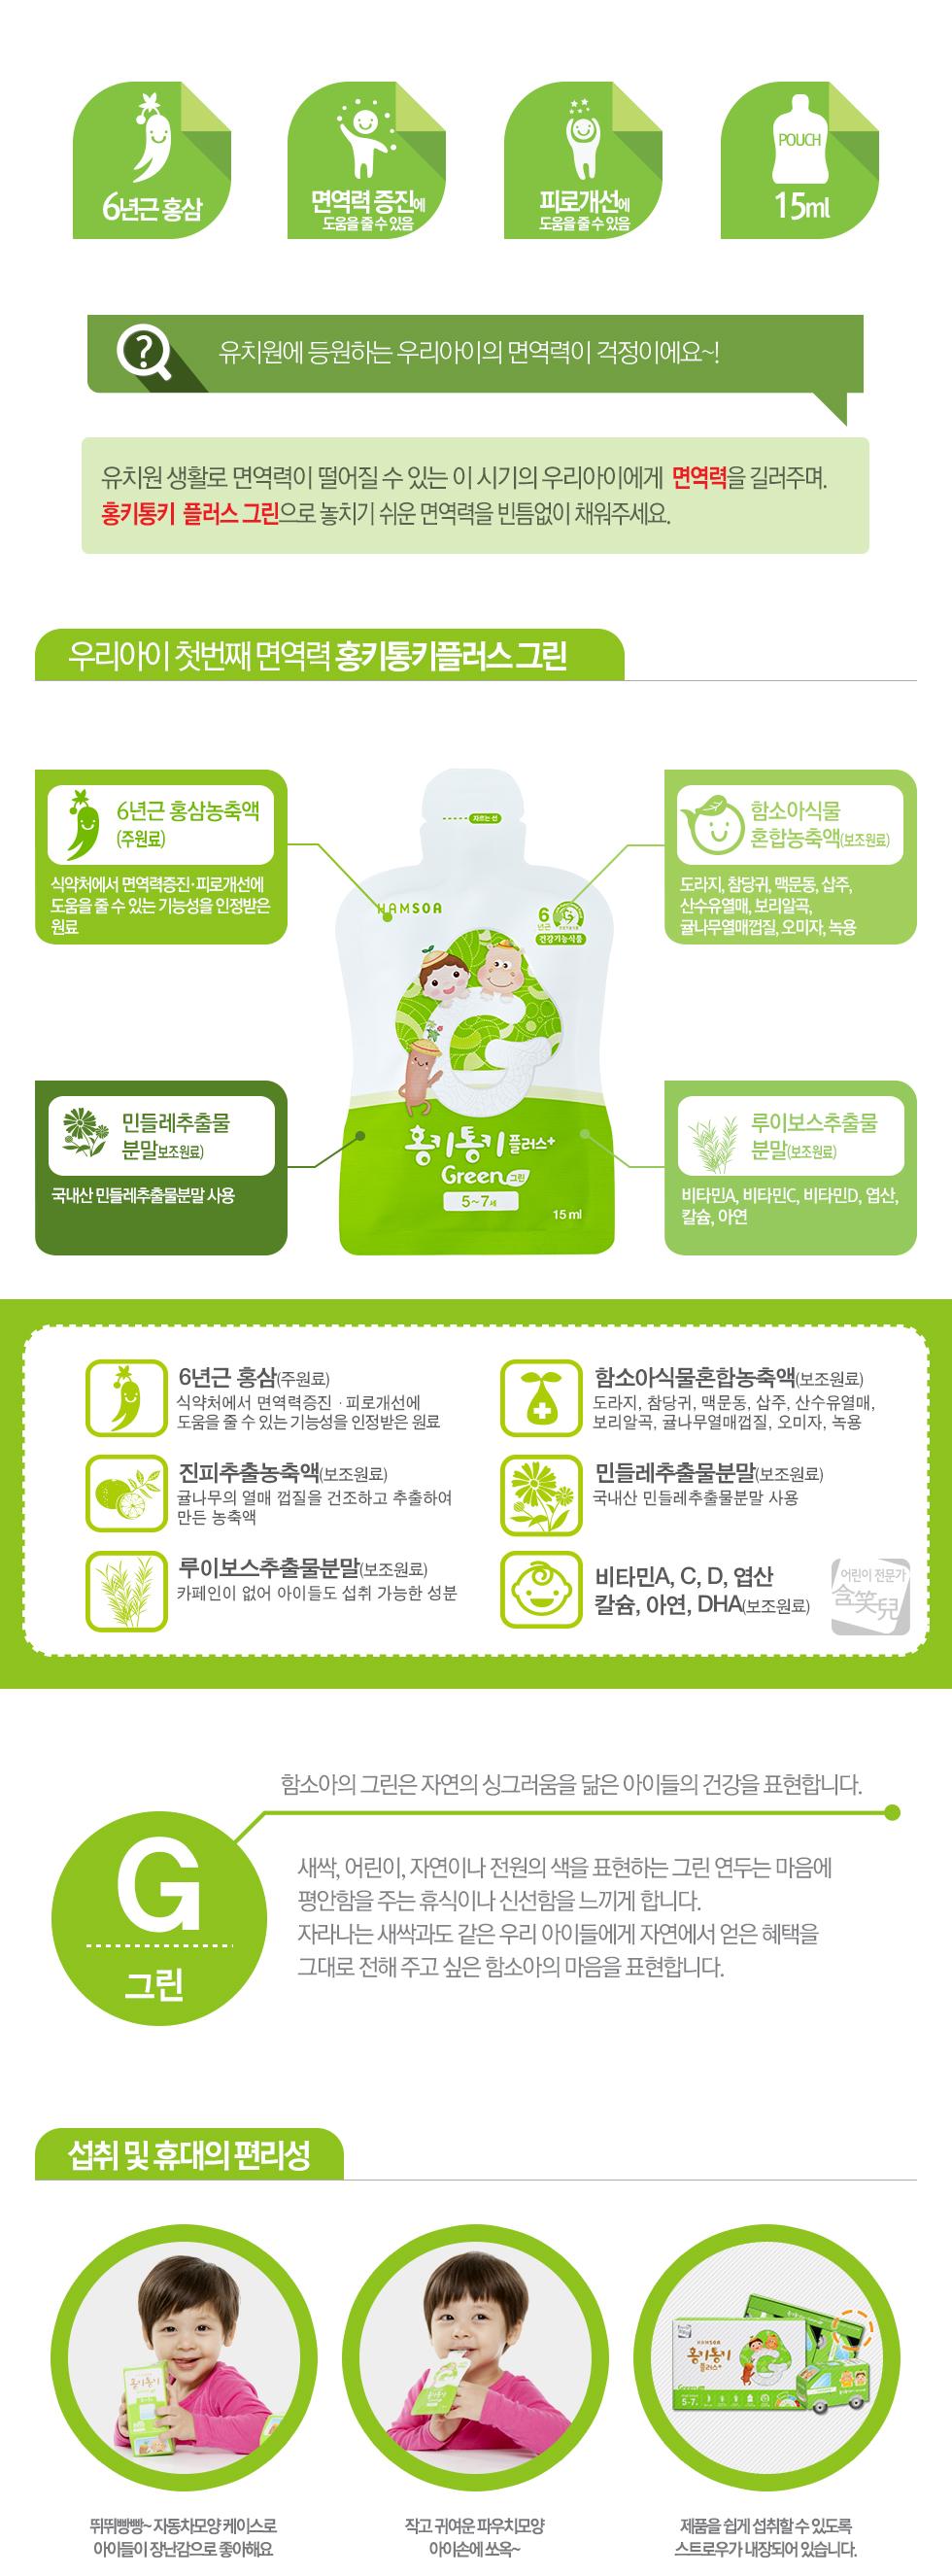 함소아의 노하우가 담긴 똑똑한 홍삼,아이 입맛에 맞춘 맛있는 홍삼, 유해성분과 타협하지 않는 건강한 홍삼